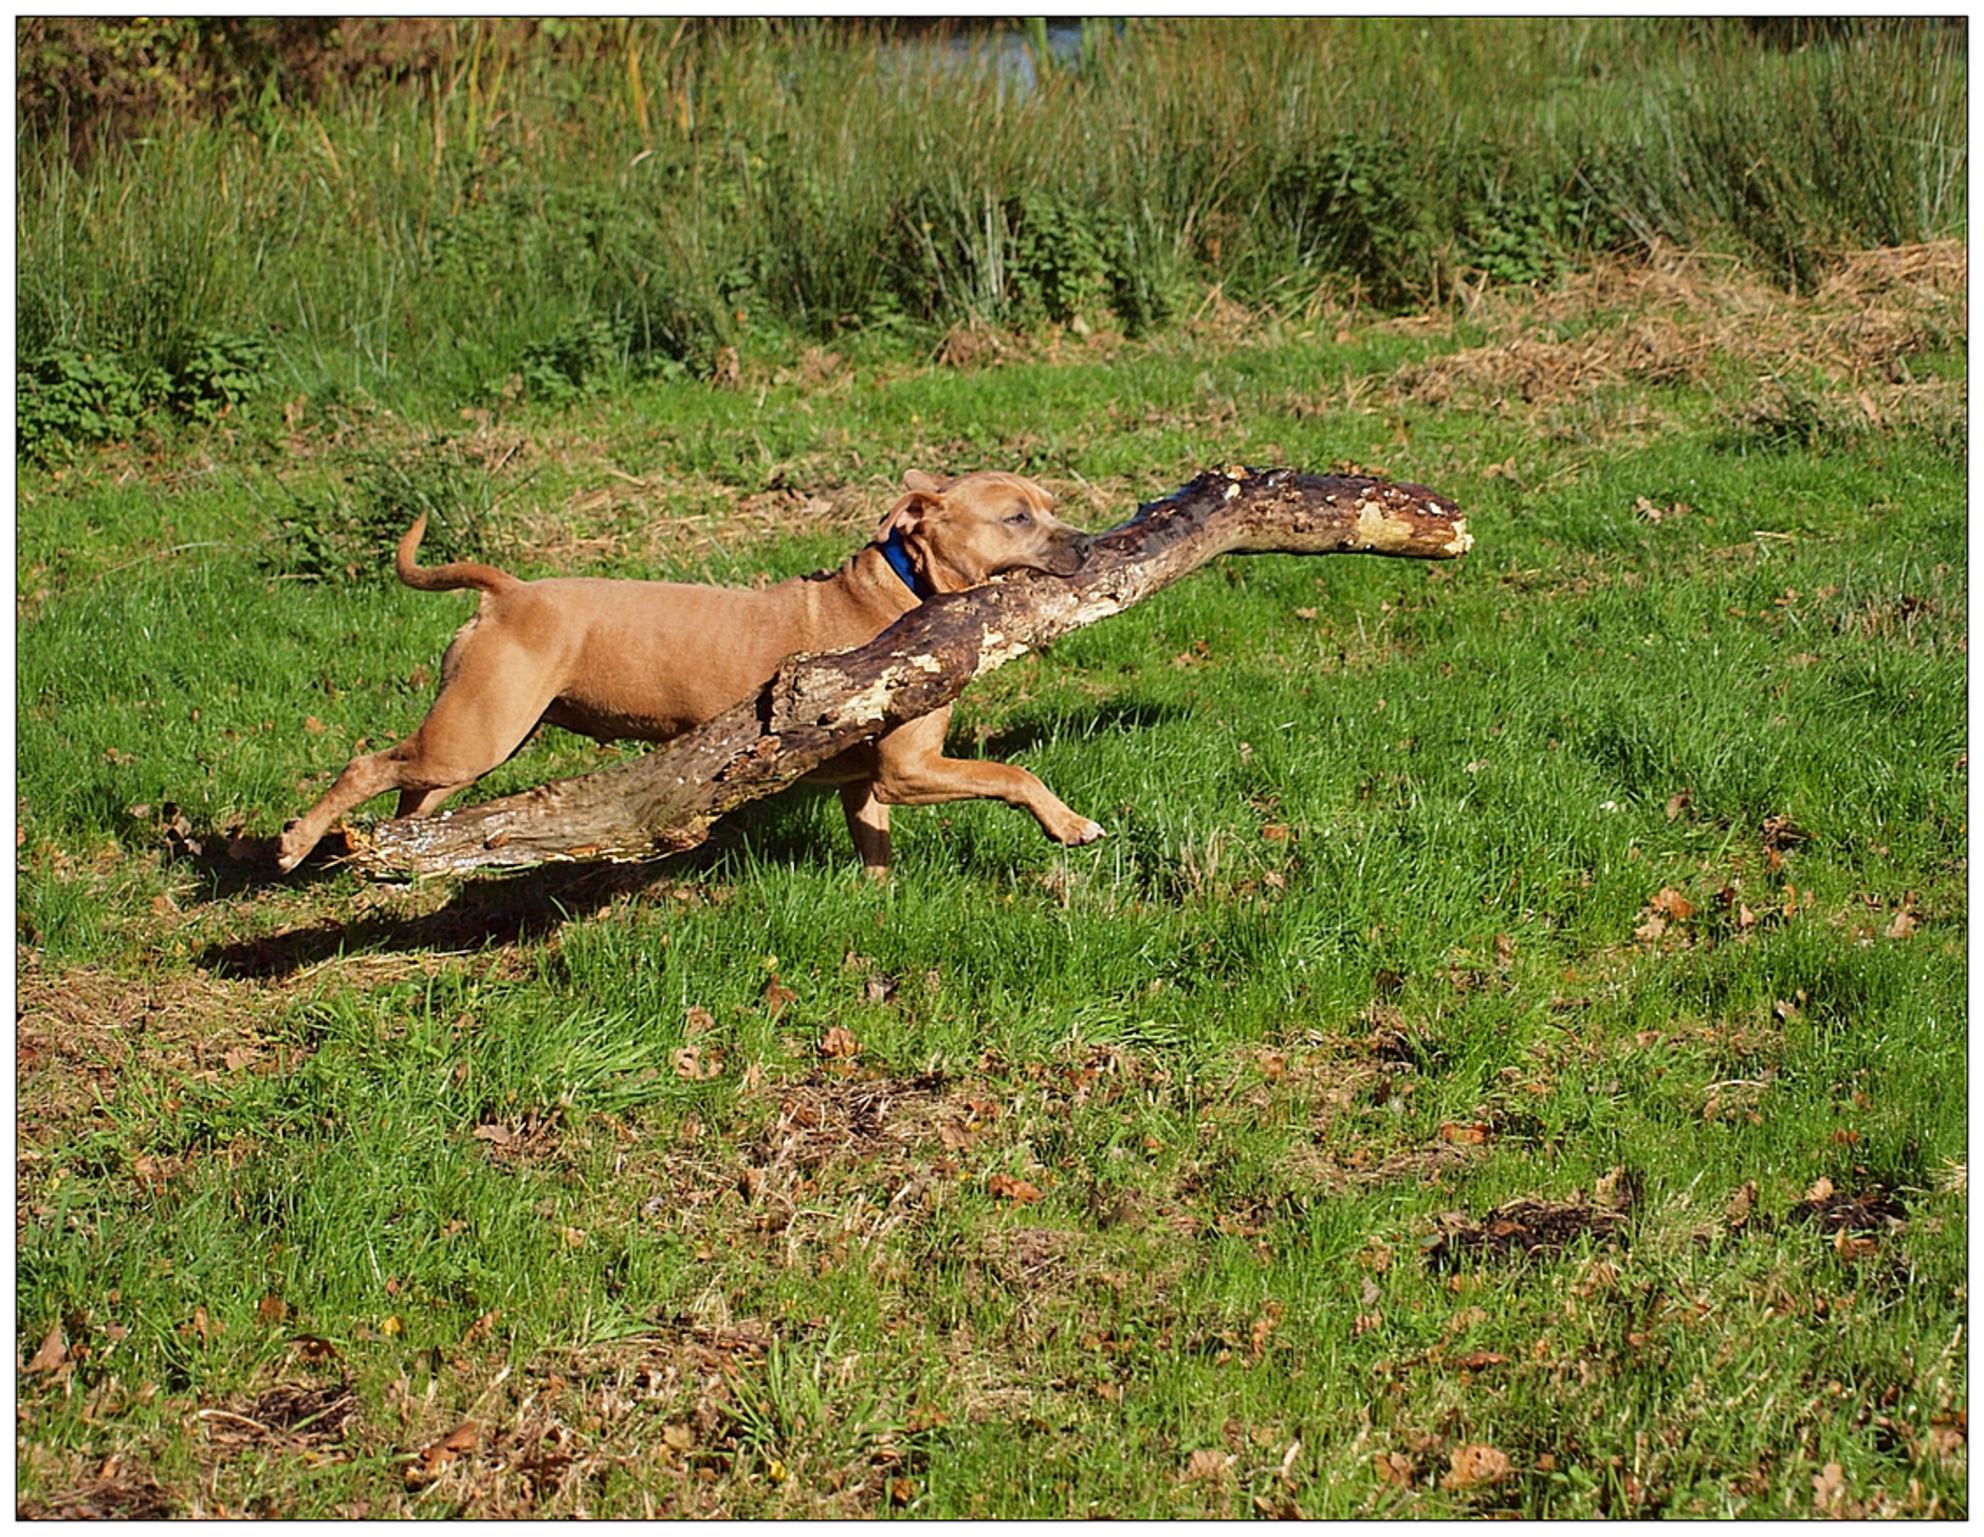 Hout sprokkelen.. - Onlangs zijn we weer eens hout wezen sprokkelen en dit in verband met de voorspelde strenge winter die er aan schijnt te komen zo als vooraanstaande  - foto door rudy-rudy op 18-10-2012 - deze foto bevat: herfst, winter, hond, hout, polder, kou, vrolijk, krimpenerwaard, rudy-rudy, tibor - Deze foto mag gebruikt worden in een Zoom.nl publicatie